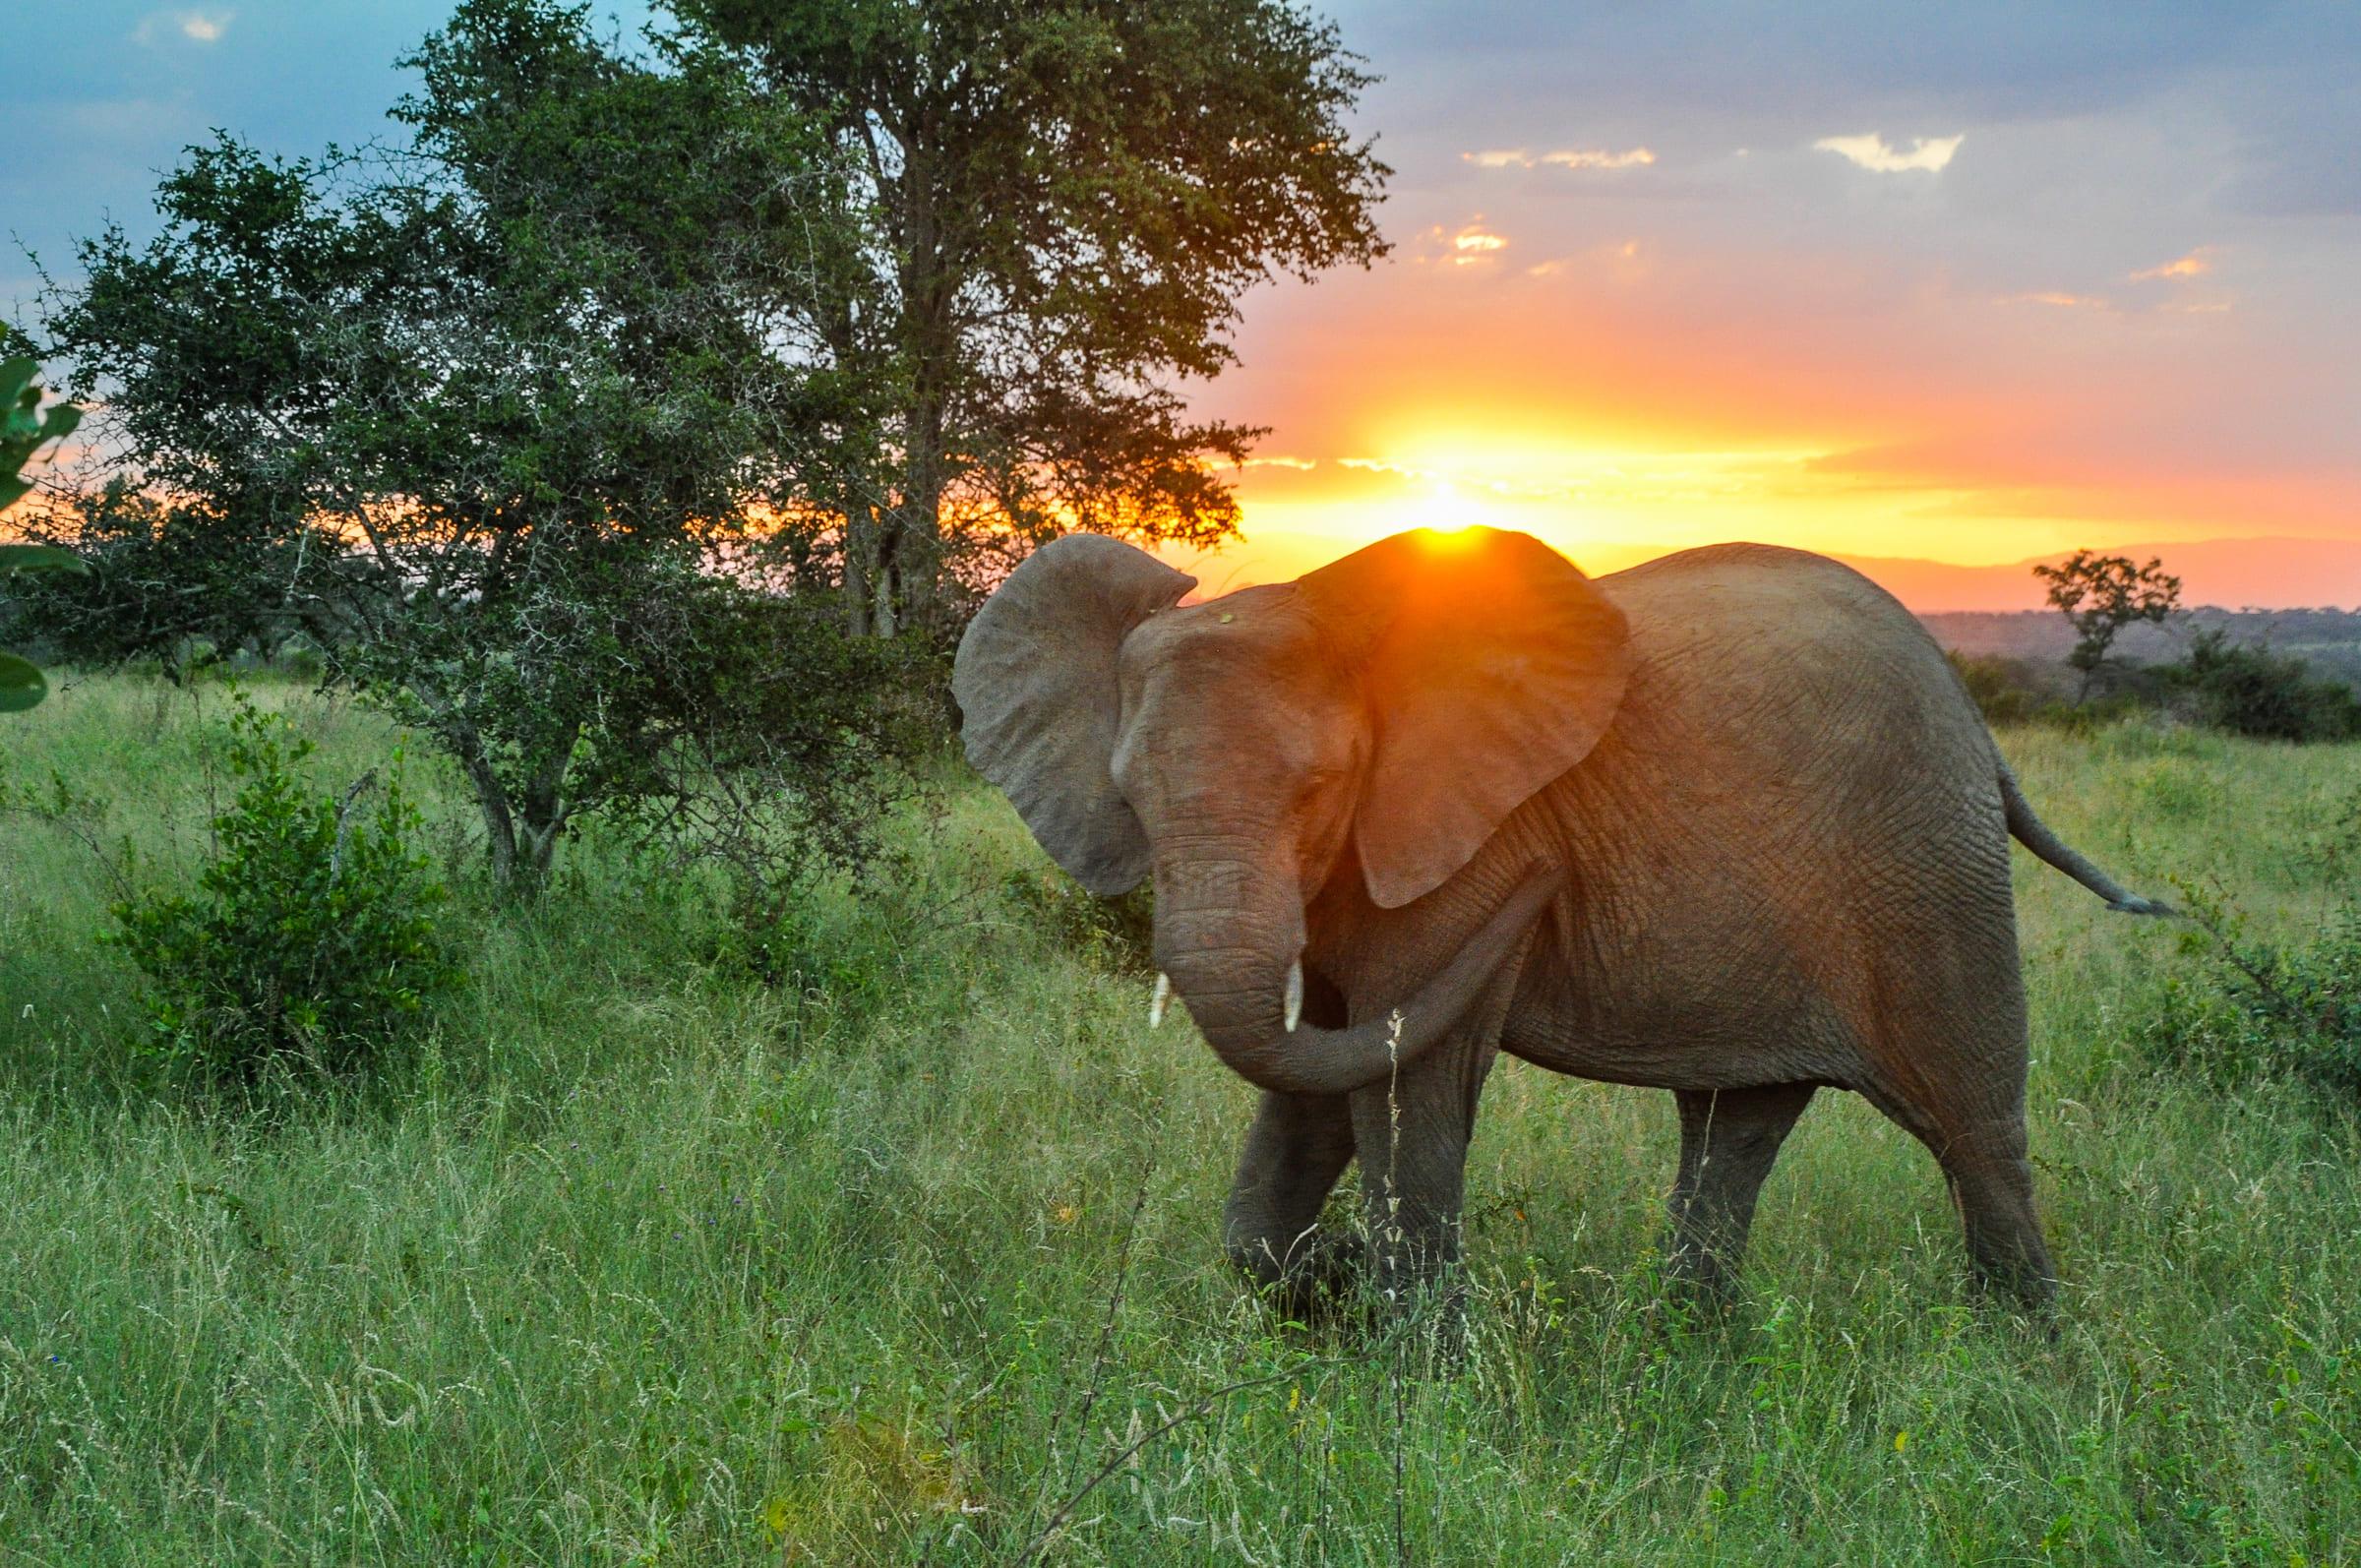 Afrikanischer Elefant mit Sonnenuntergang